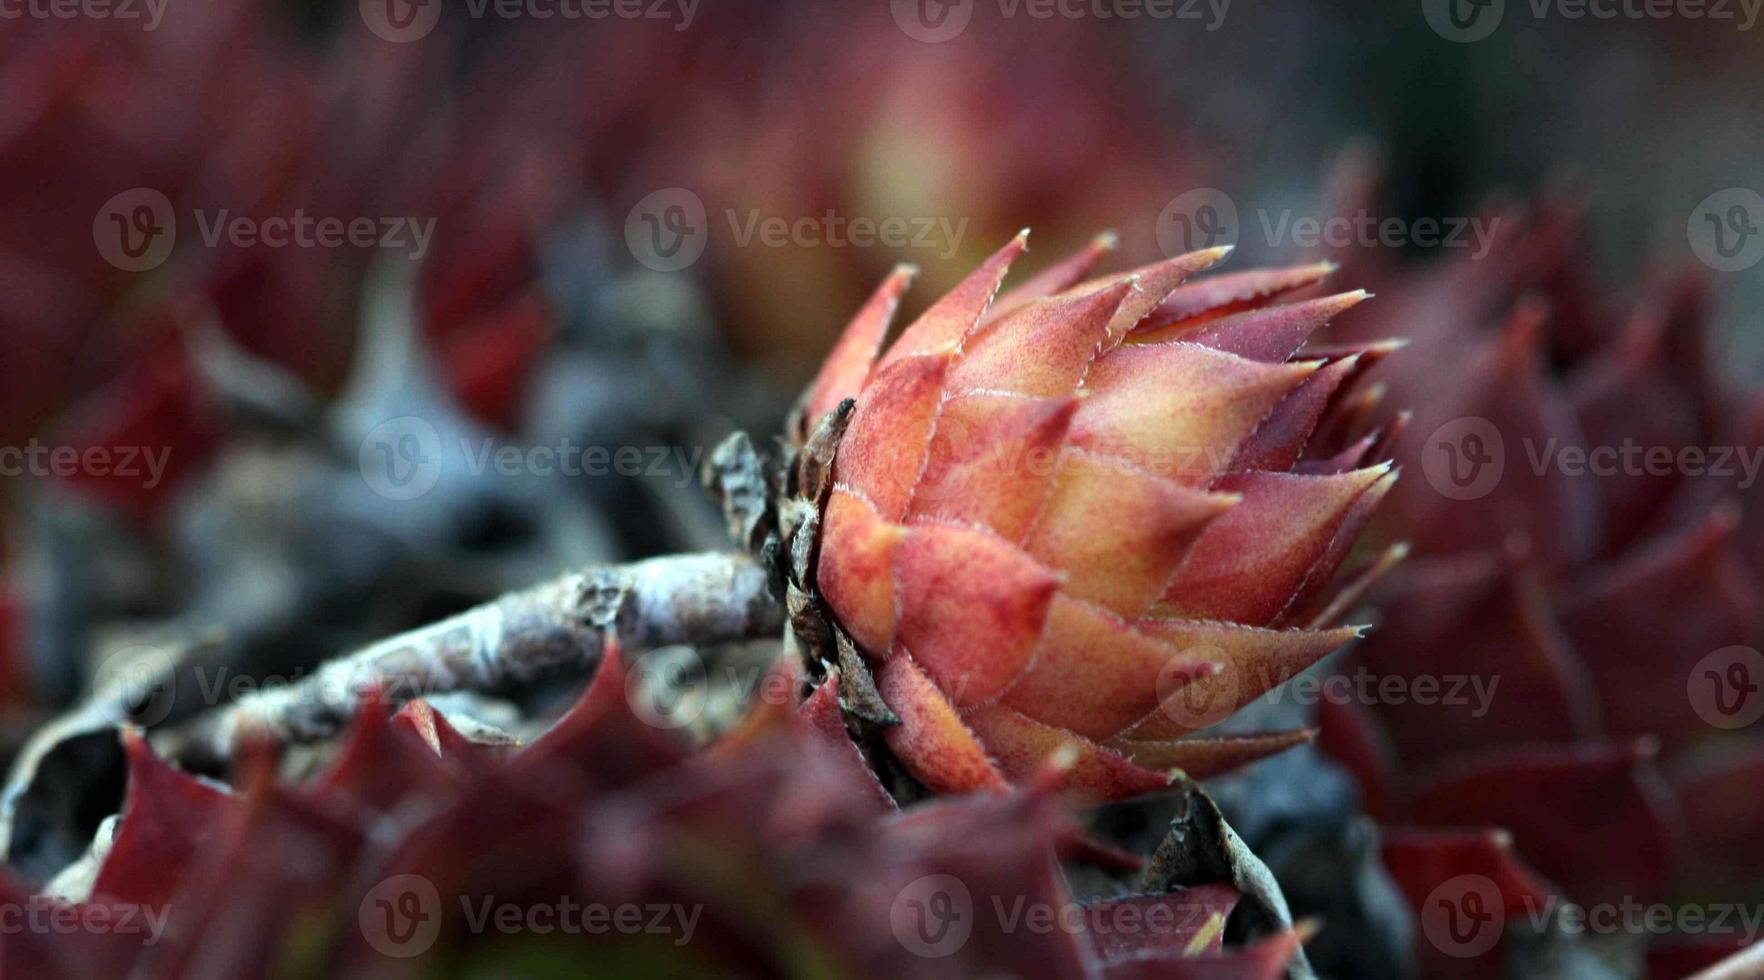 House leek , sempervivum close up photo